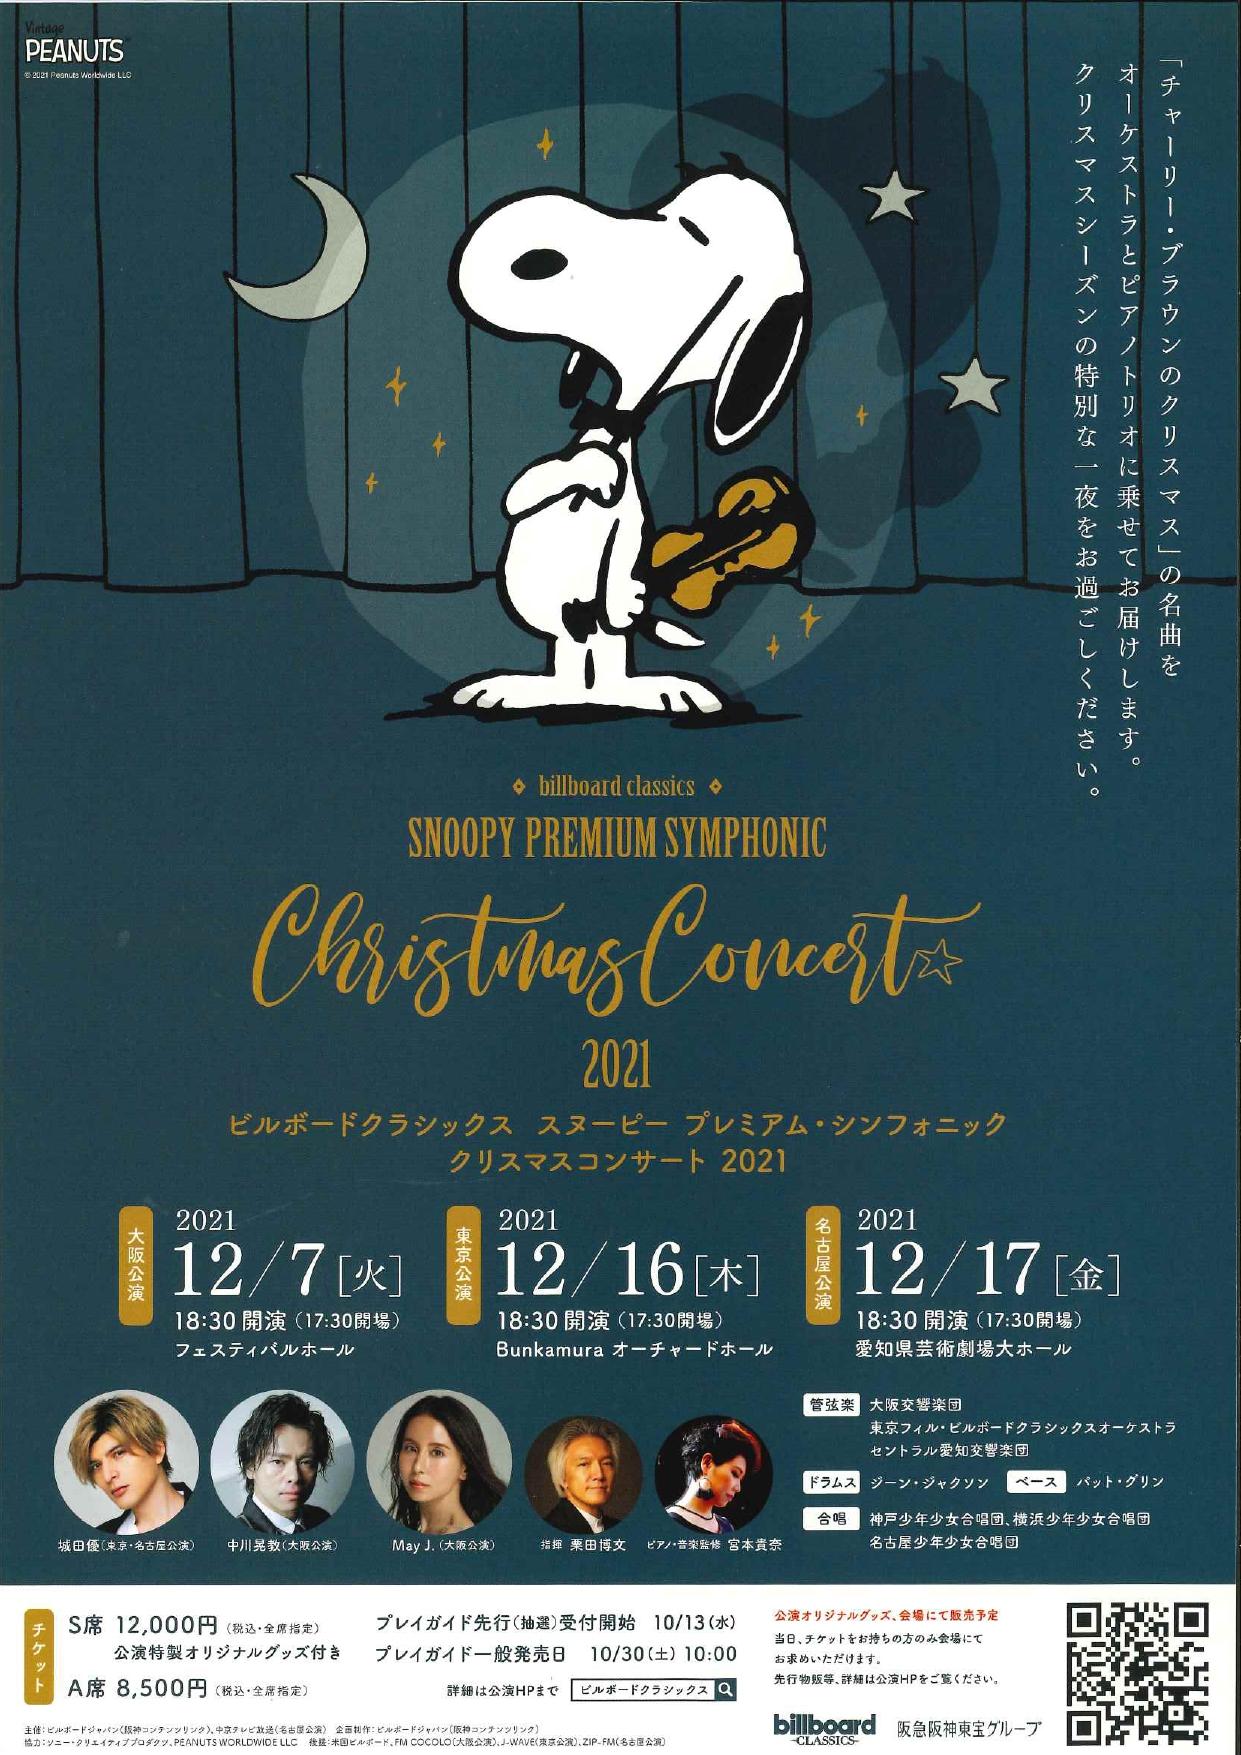 ビルボードクラシックス スヌーピー プレミアム・シンフォニック・クリスマスコンサート2021